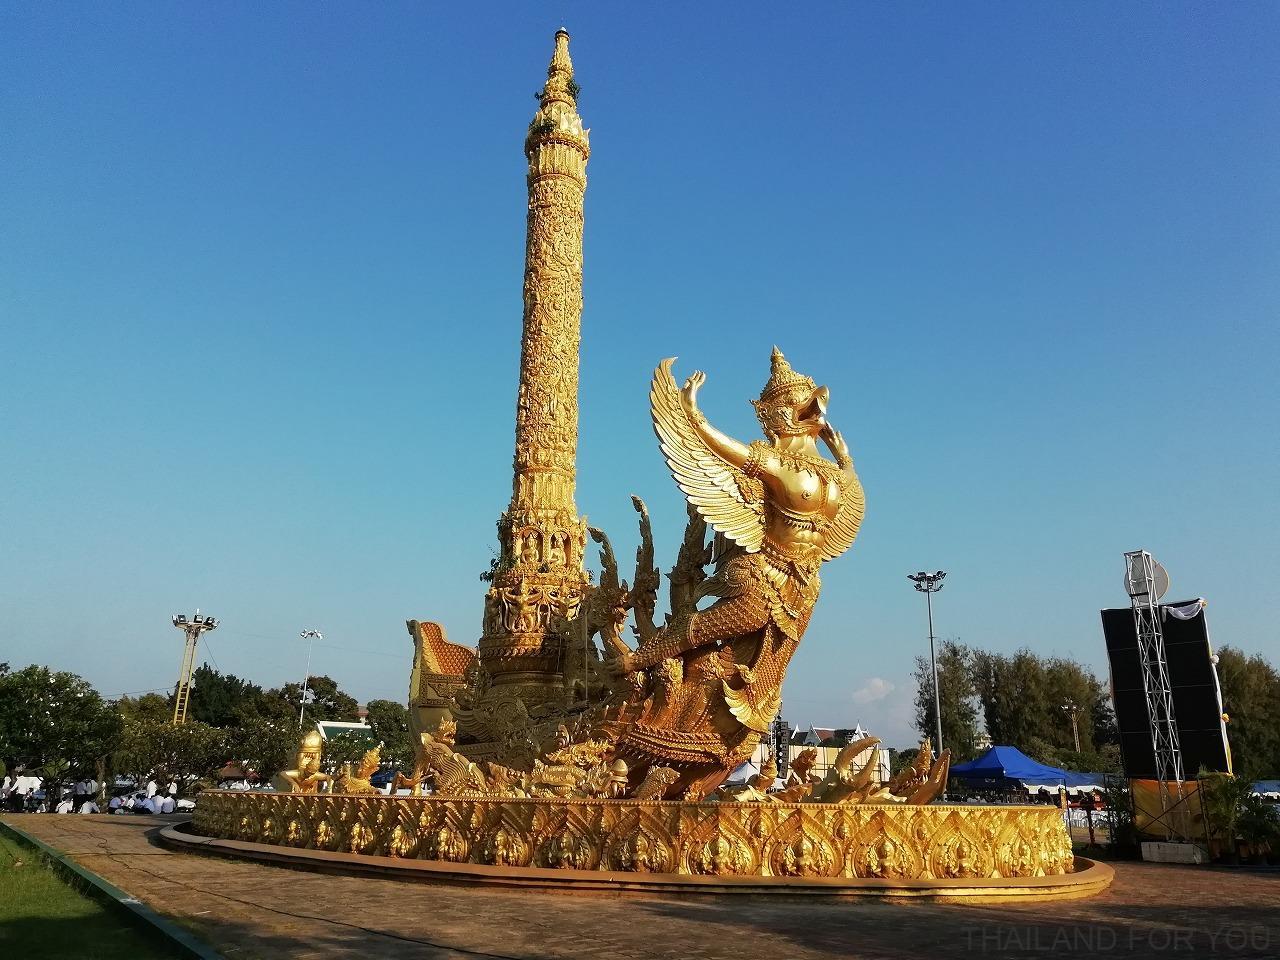 ウボンラチャタニ トゥン・シー・ムアン Thung Sri Muang 写真